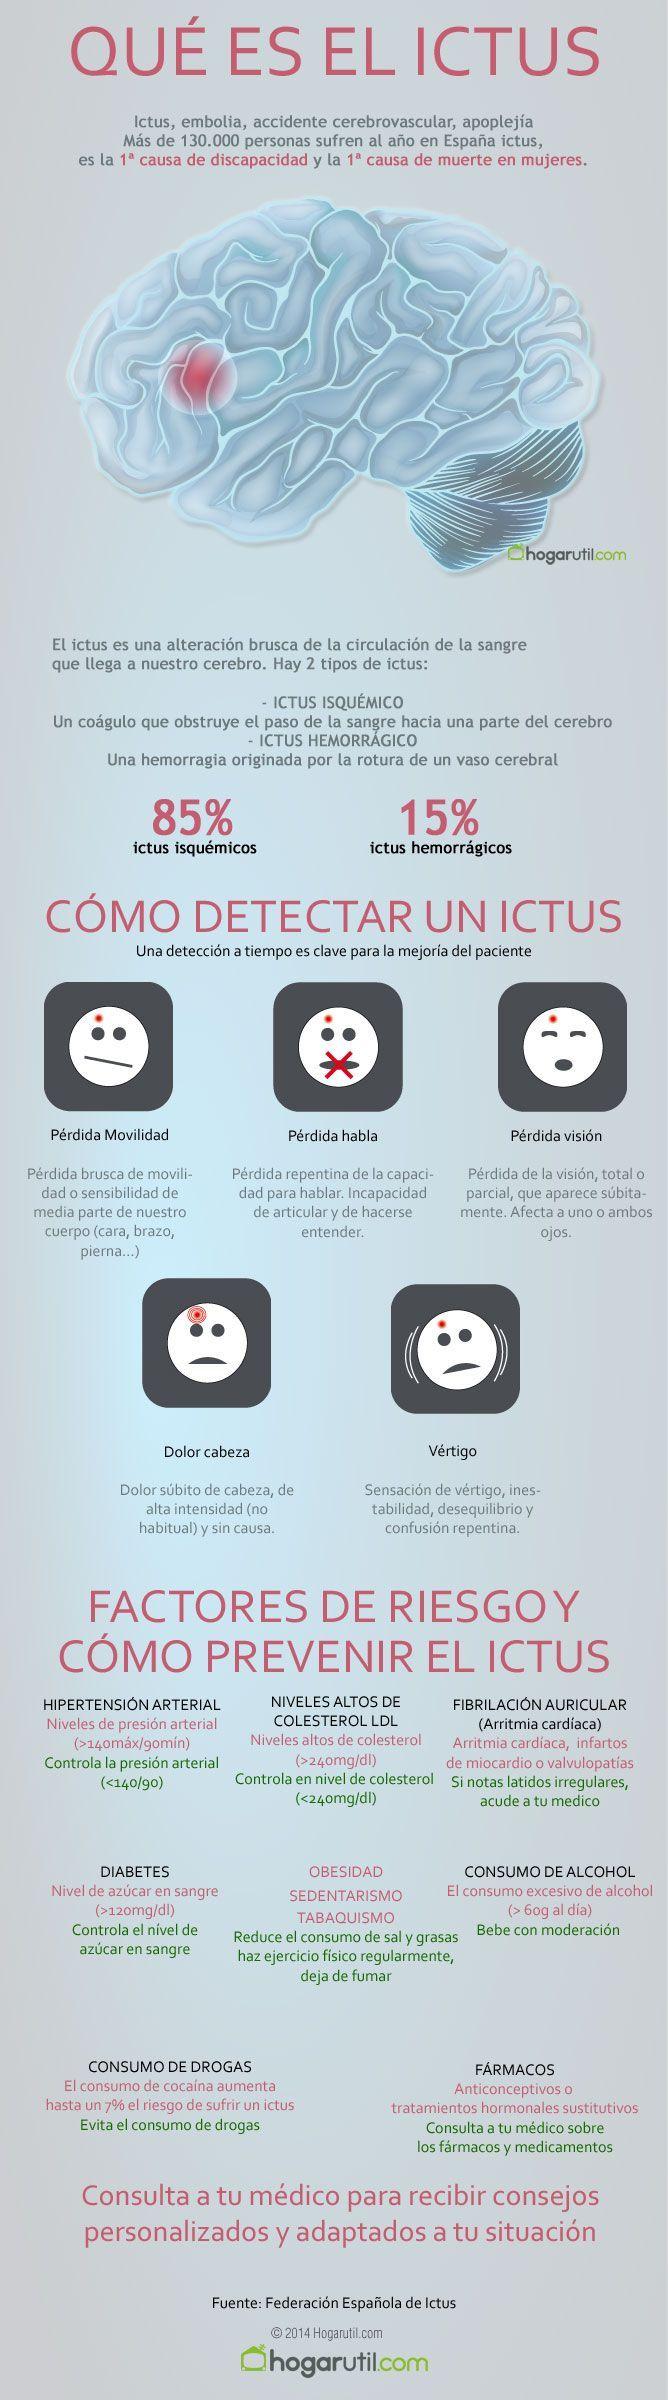 Infografía sobre el ictus. Qué es, factores de riesgo y cómo prevenir los accidentes cerebrovasculares. ictus